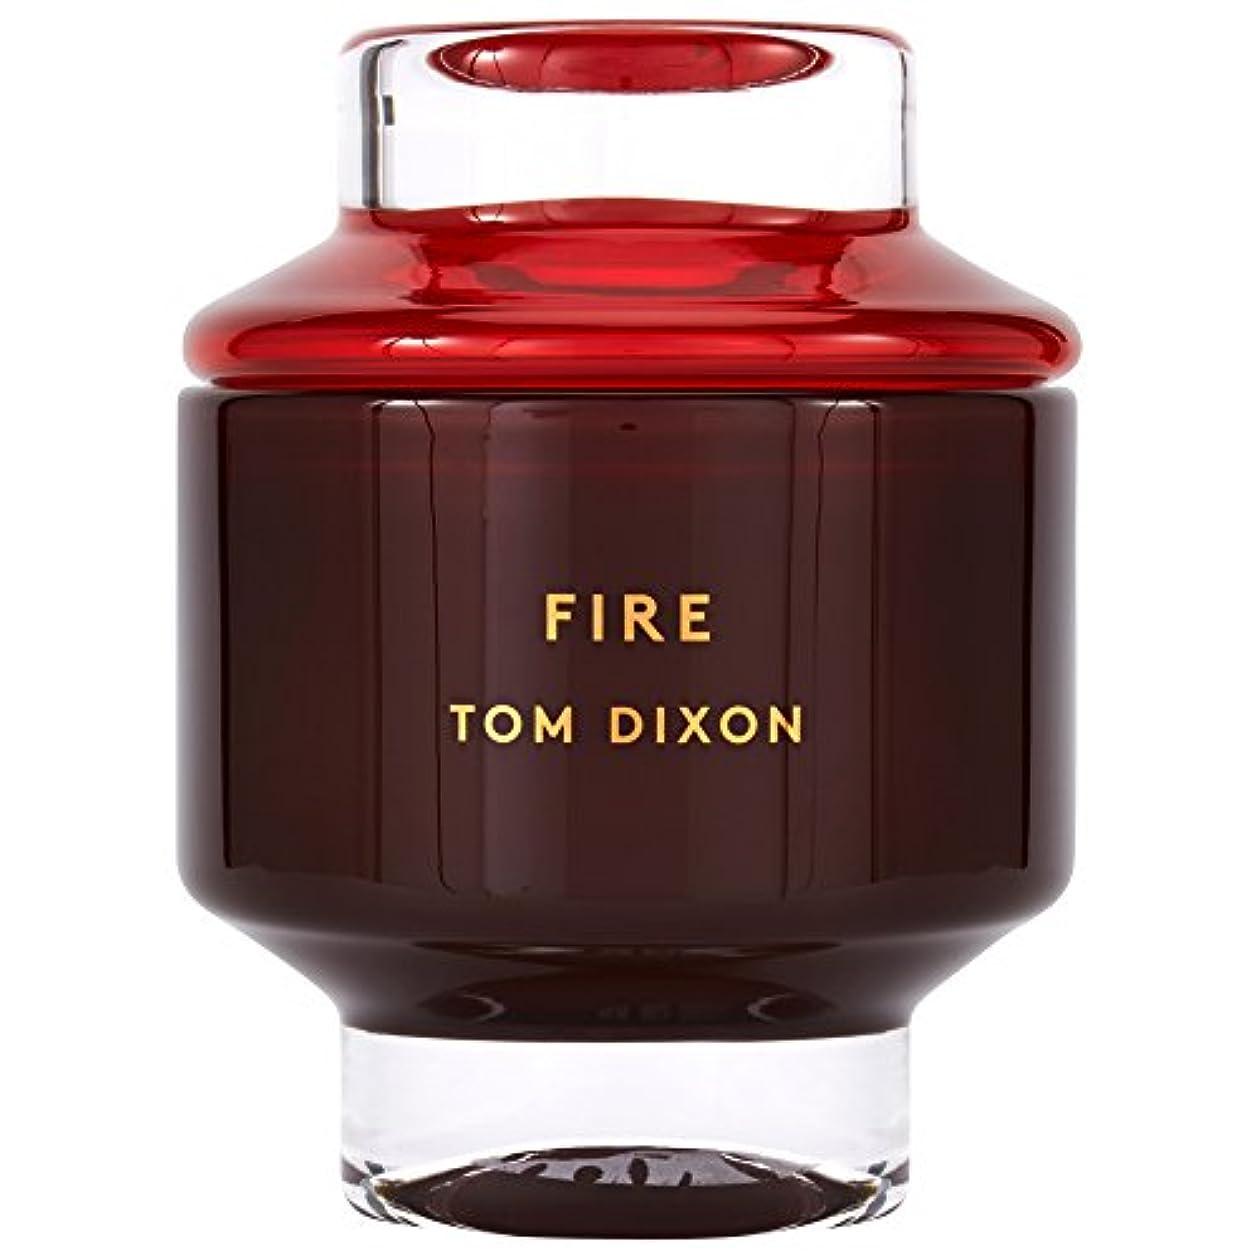 セッティングラフ睡眠不定Tom Dixon Fire Scented Candle Large (Pack of 2) - トム?ディクソン火災大型香りのキャンドル x2 [並行輸入品]